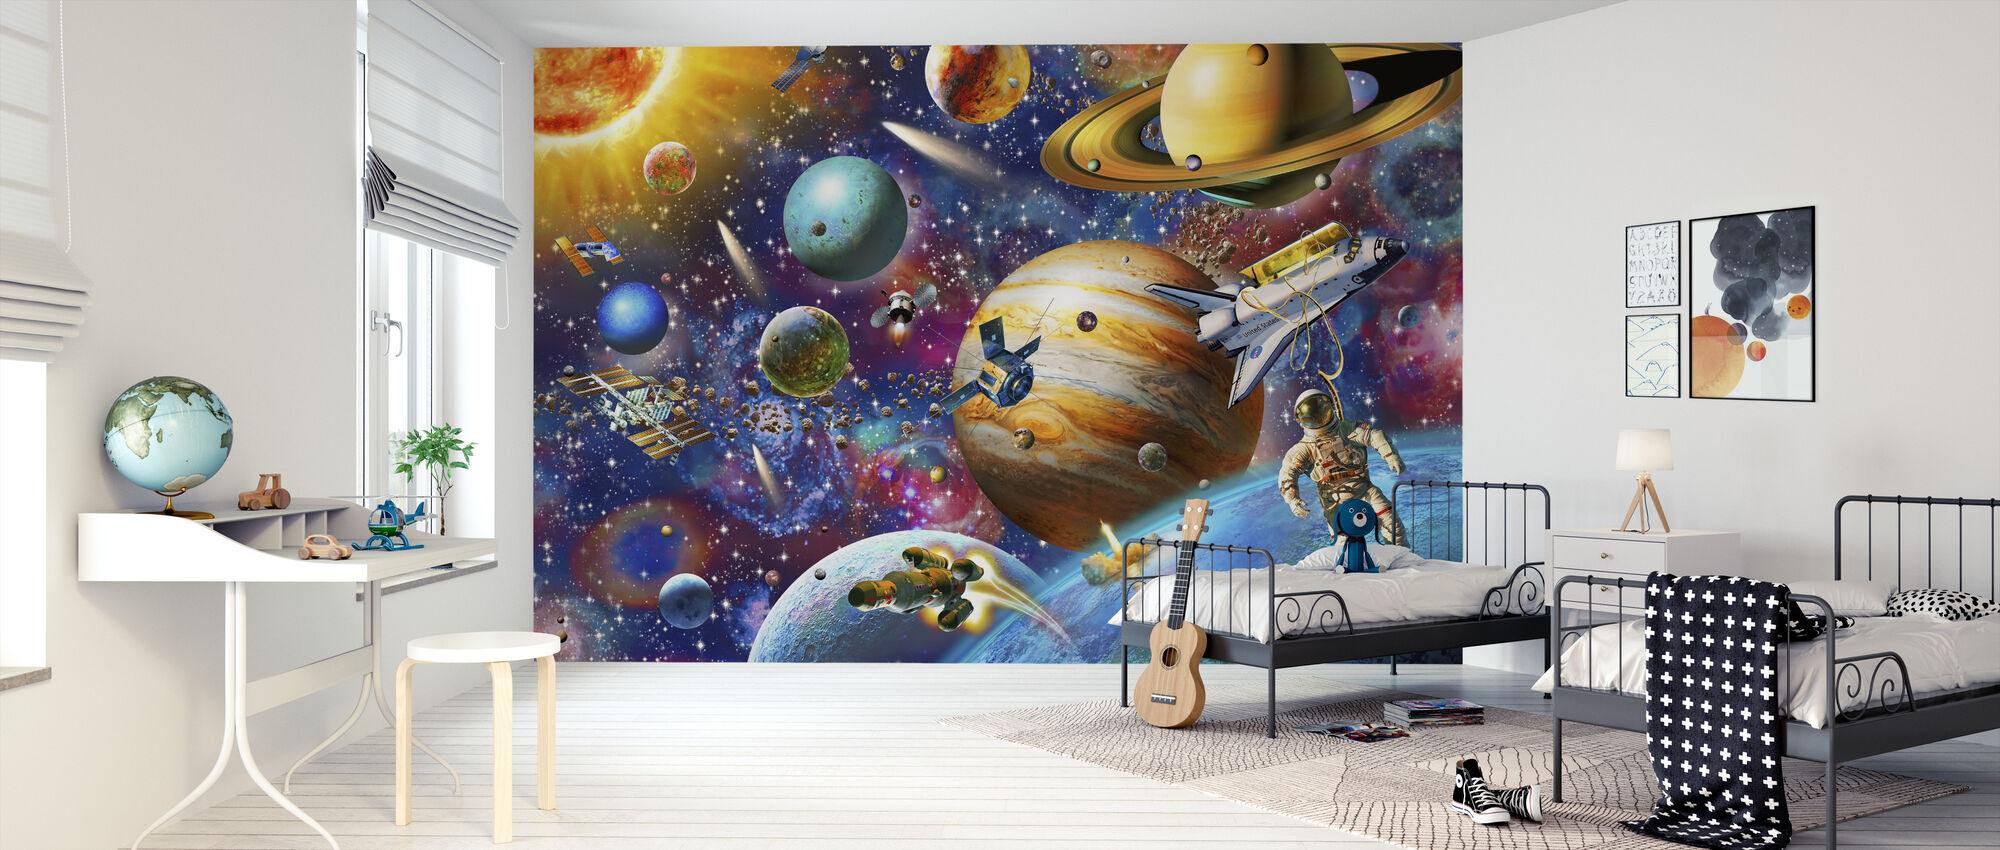 solar system odyssey - photo #13